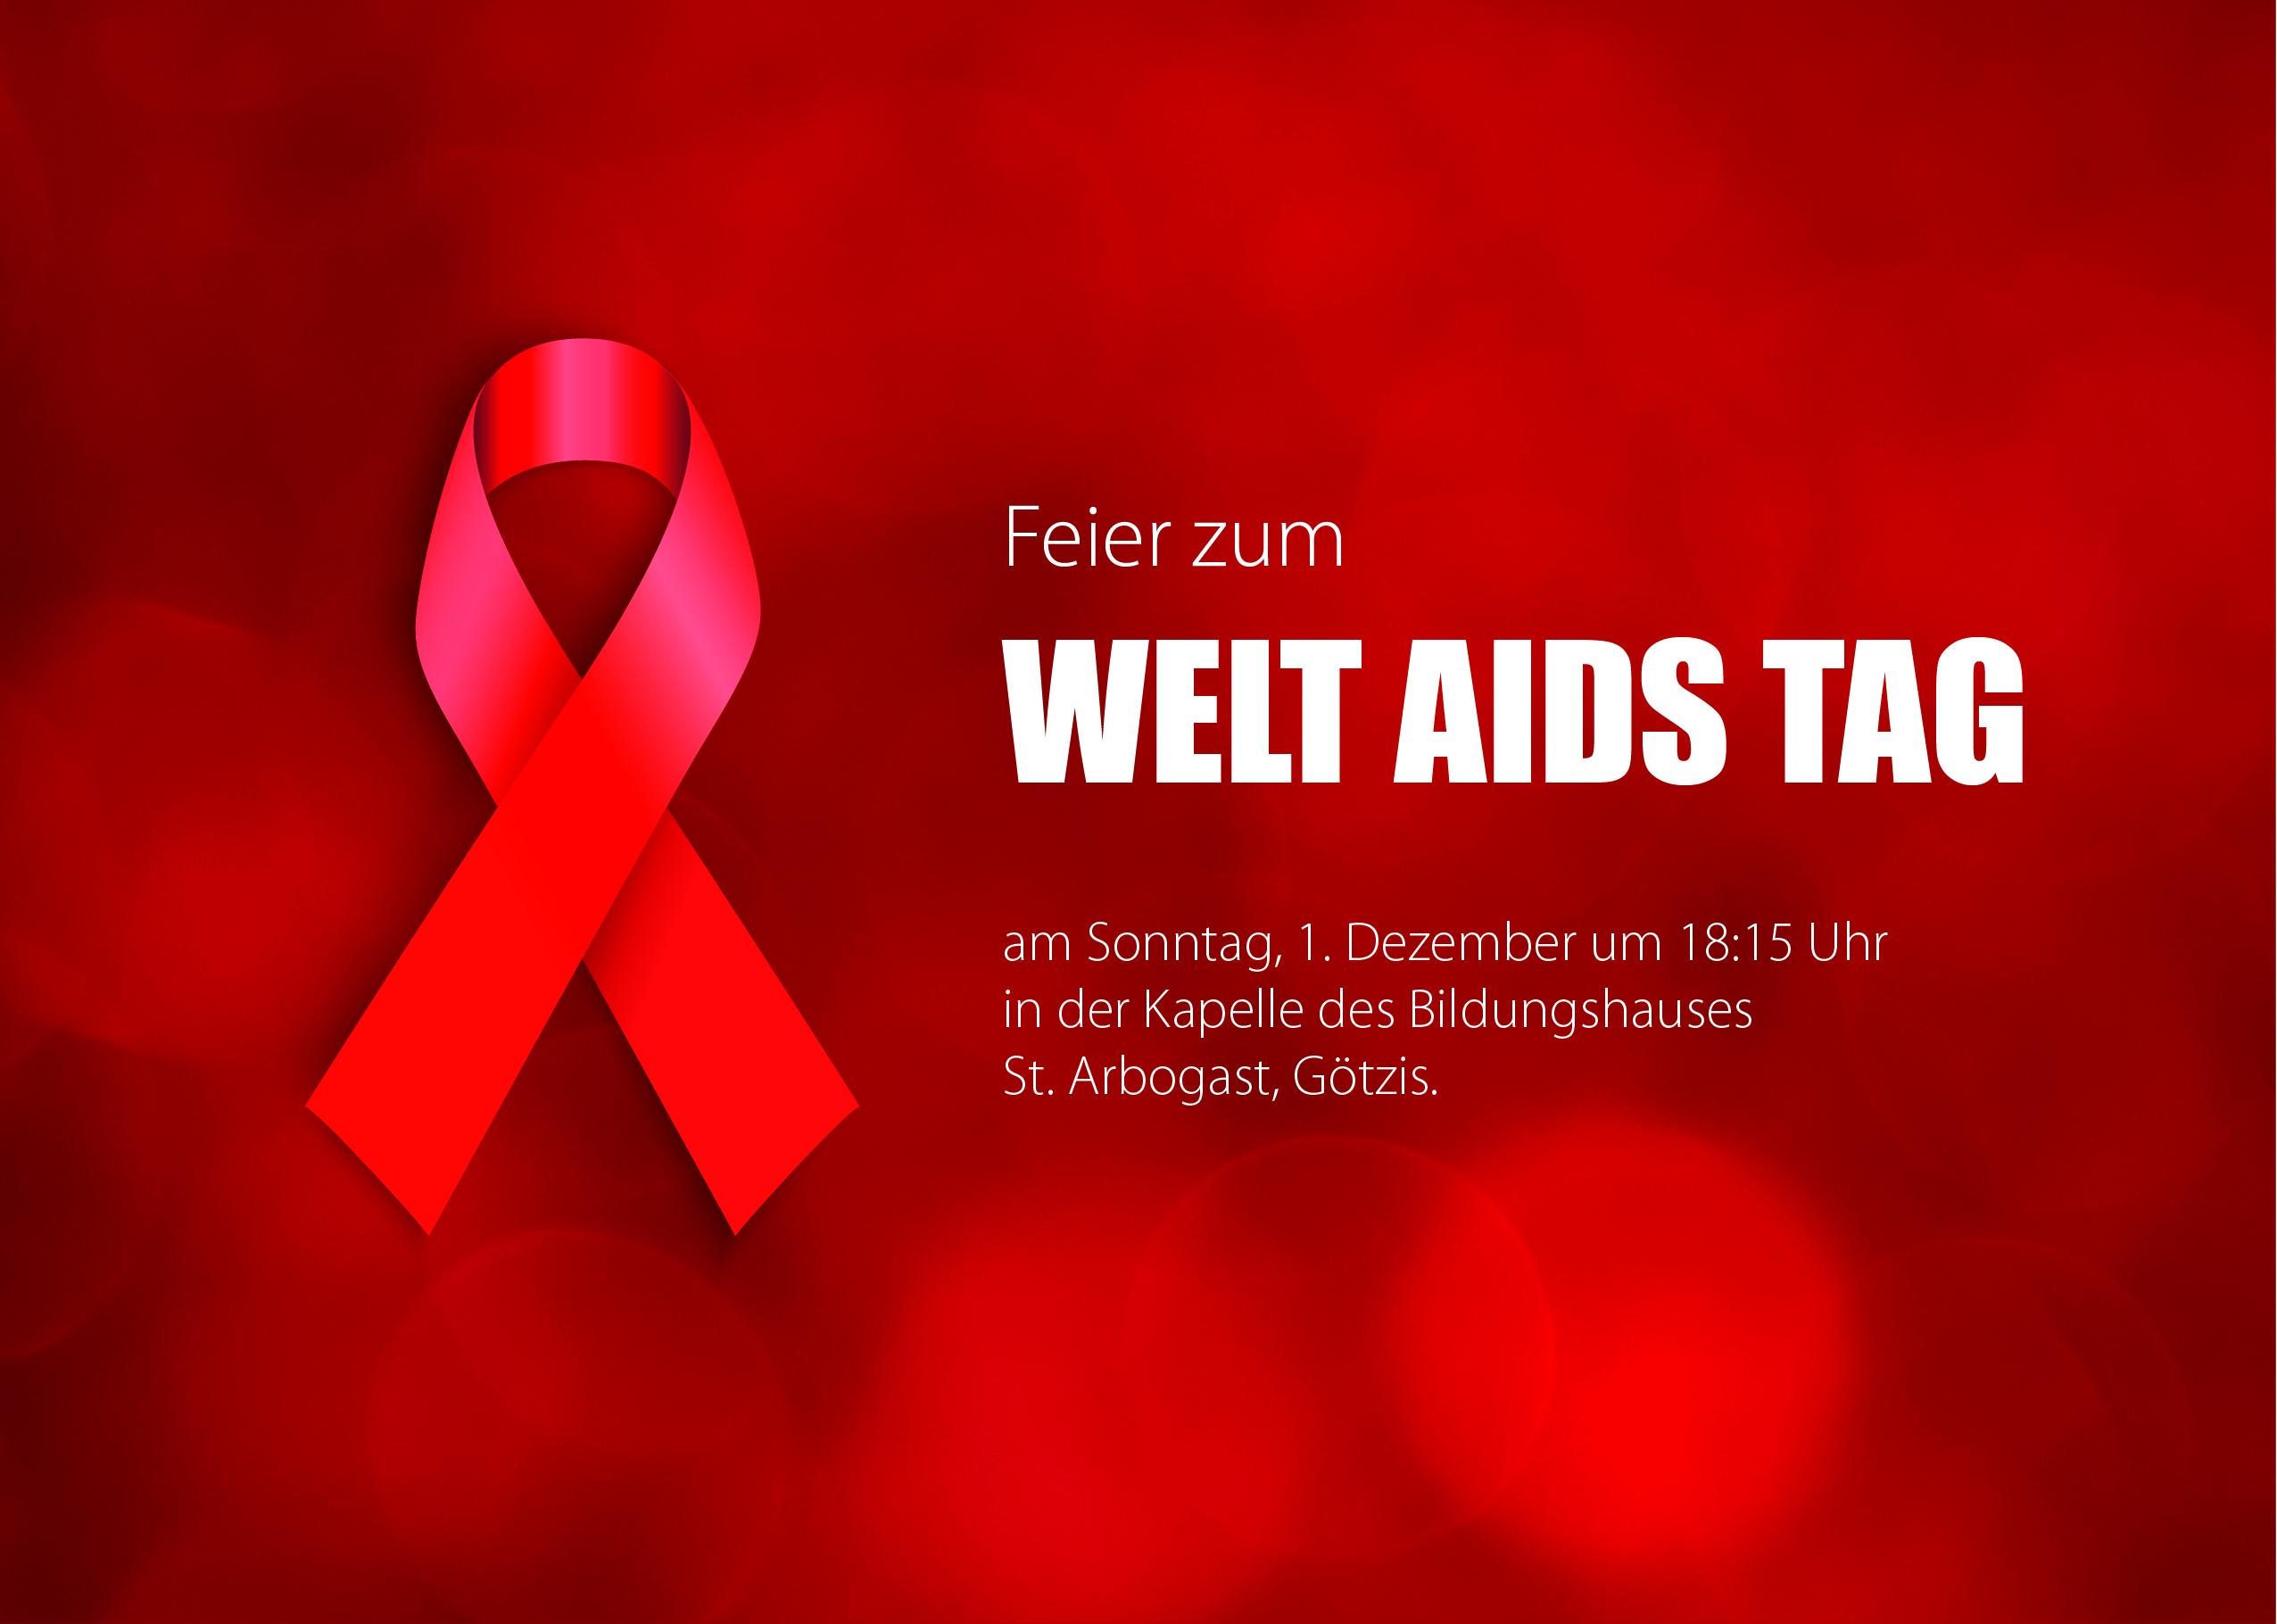 einladung-welt-aids-tag_Zeichenfläche 1